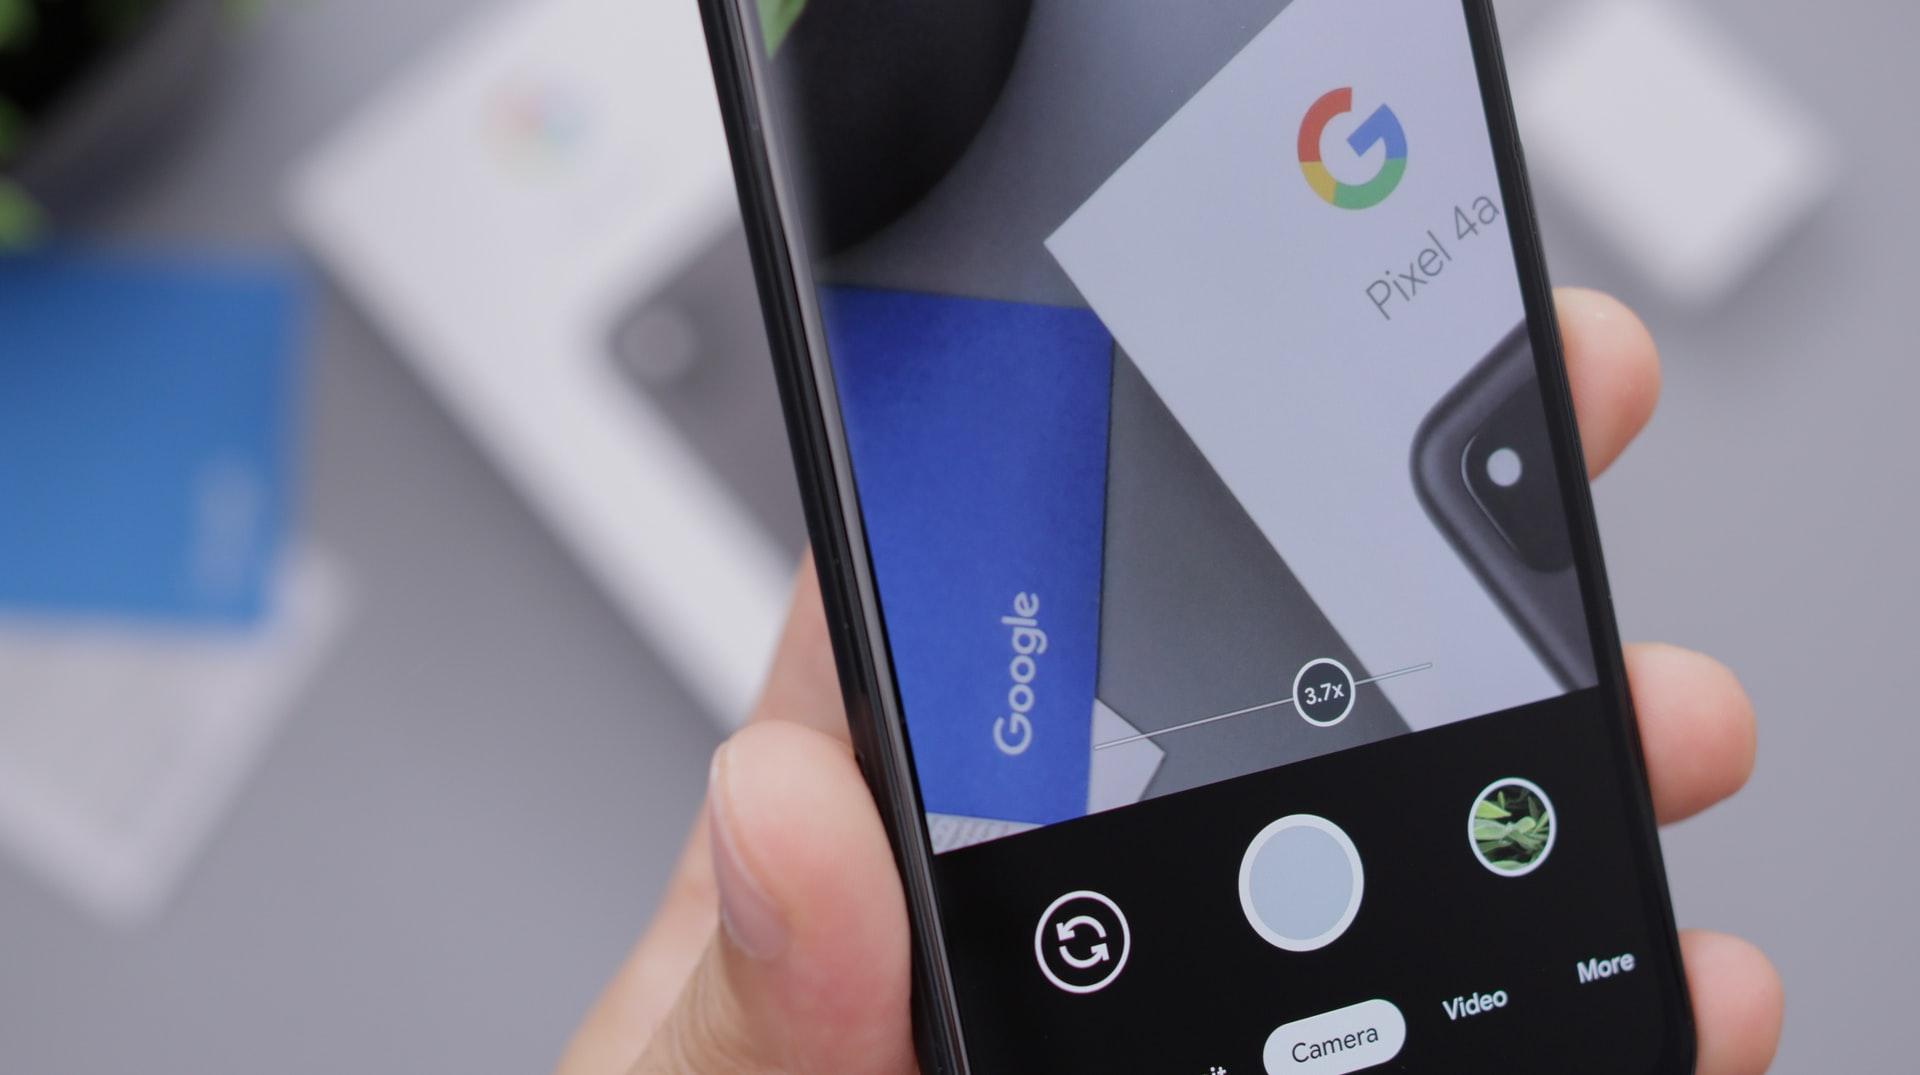 Un utente scatta una foto con uno smartphone